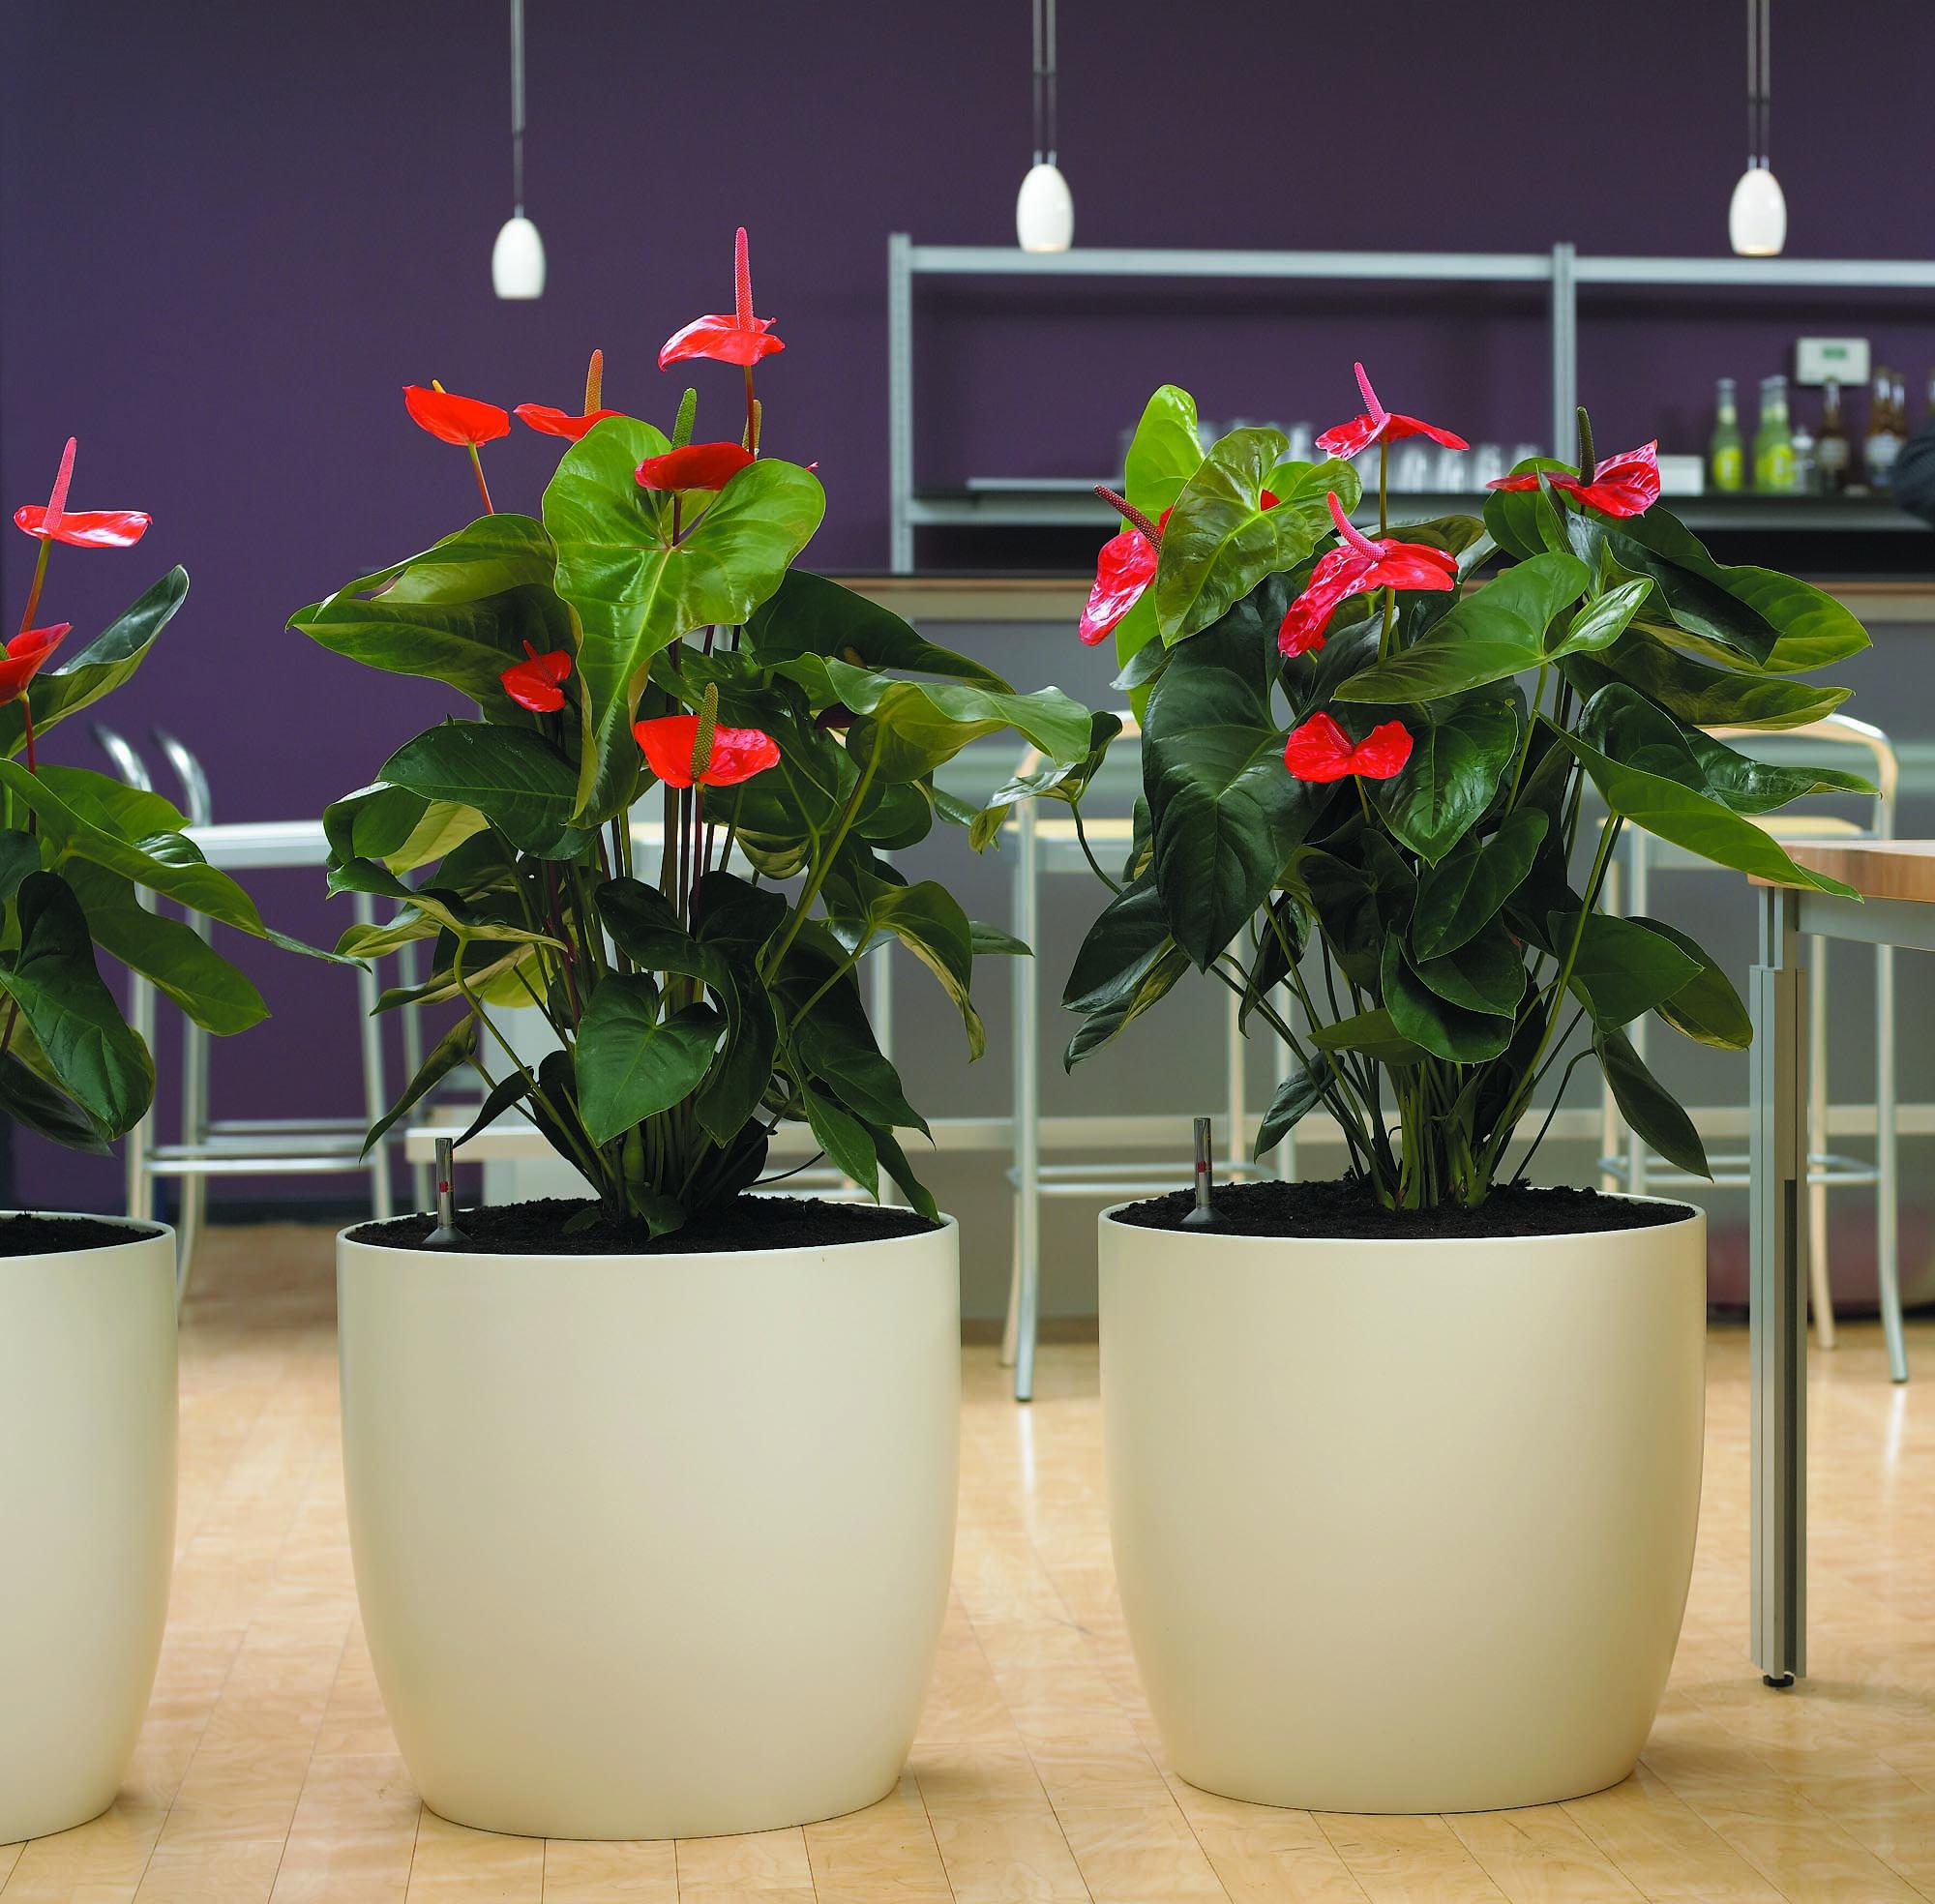 Anthurium hybride - Top perlweiss